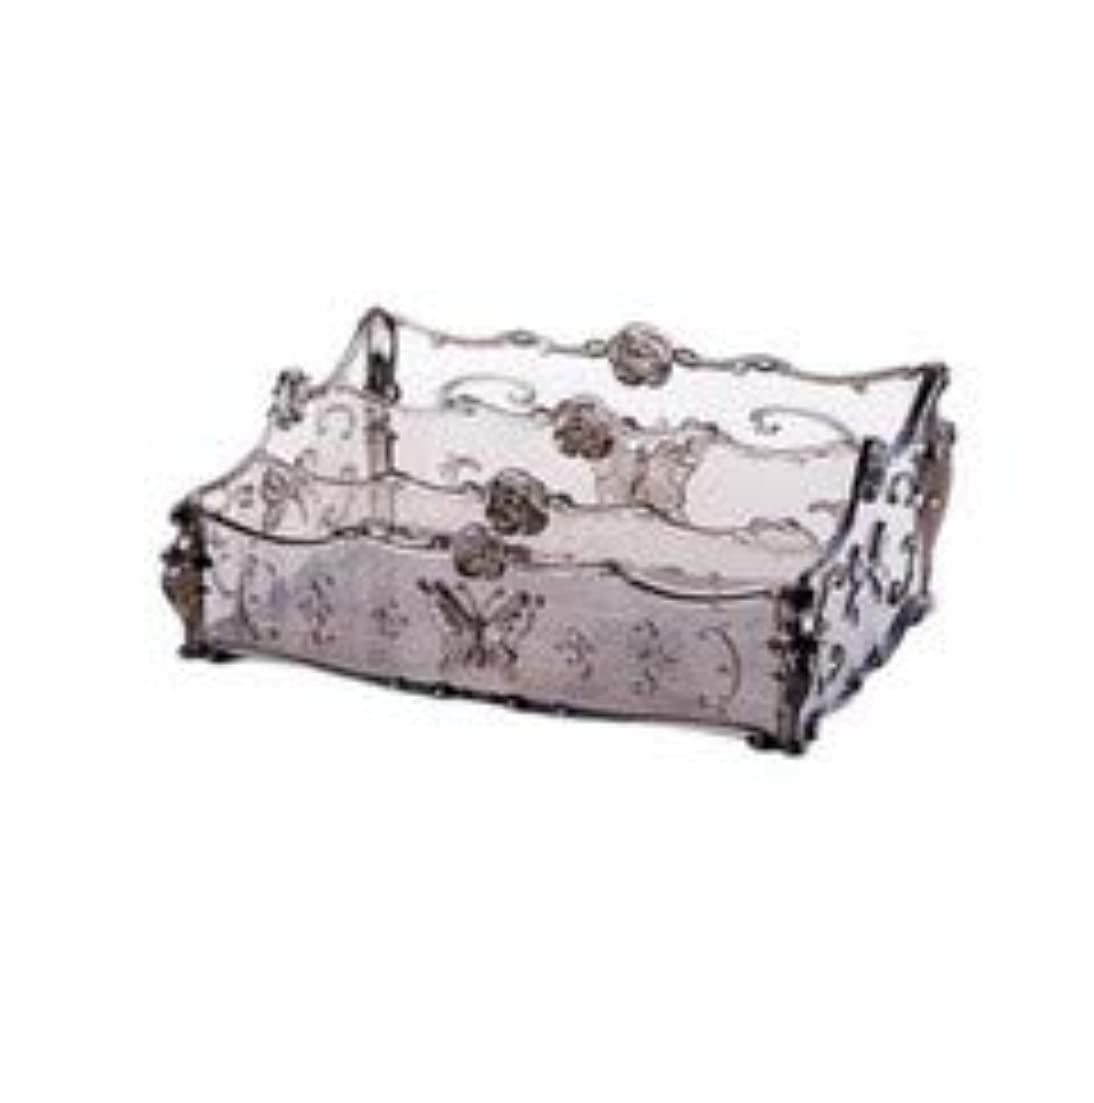 立法論争的くぼみフラワー彫刻デスクトップ化粧品収納ボックス化粧台透明ラック家庭用プラスチックマルチカラースキンケア製品仕上げボックス (Color : Transparent gray)